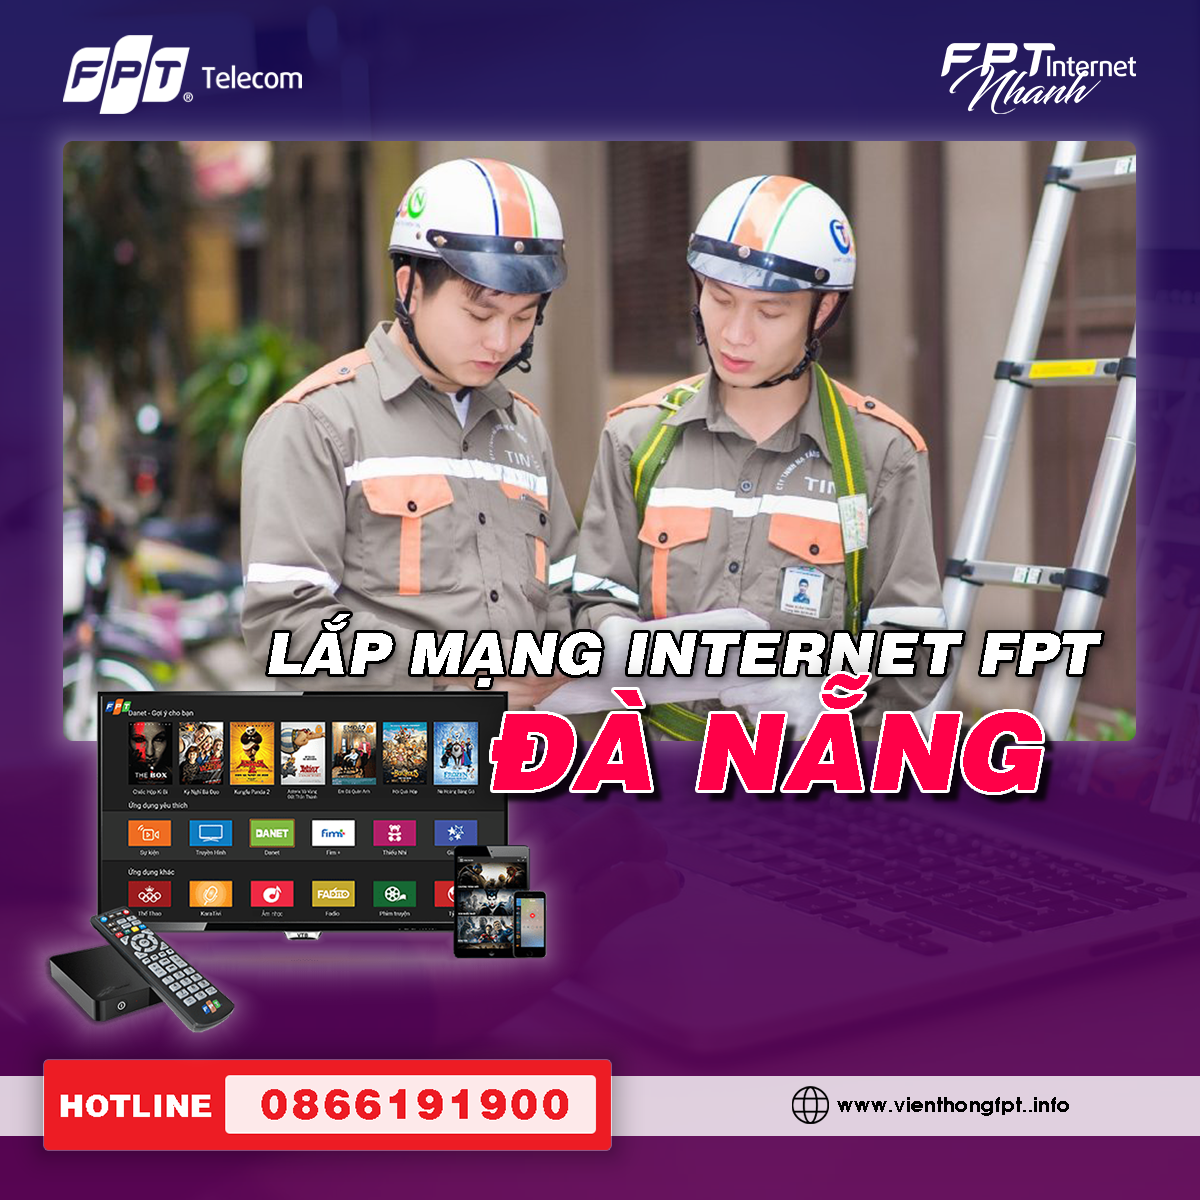 Đăng ký Internet FPT Đà Nẵng - Lắp đặt miễn phí - Trang bị Modem Wifi